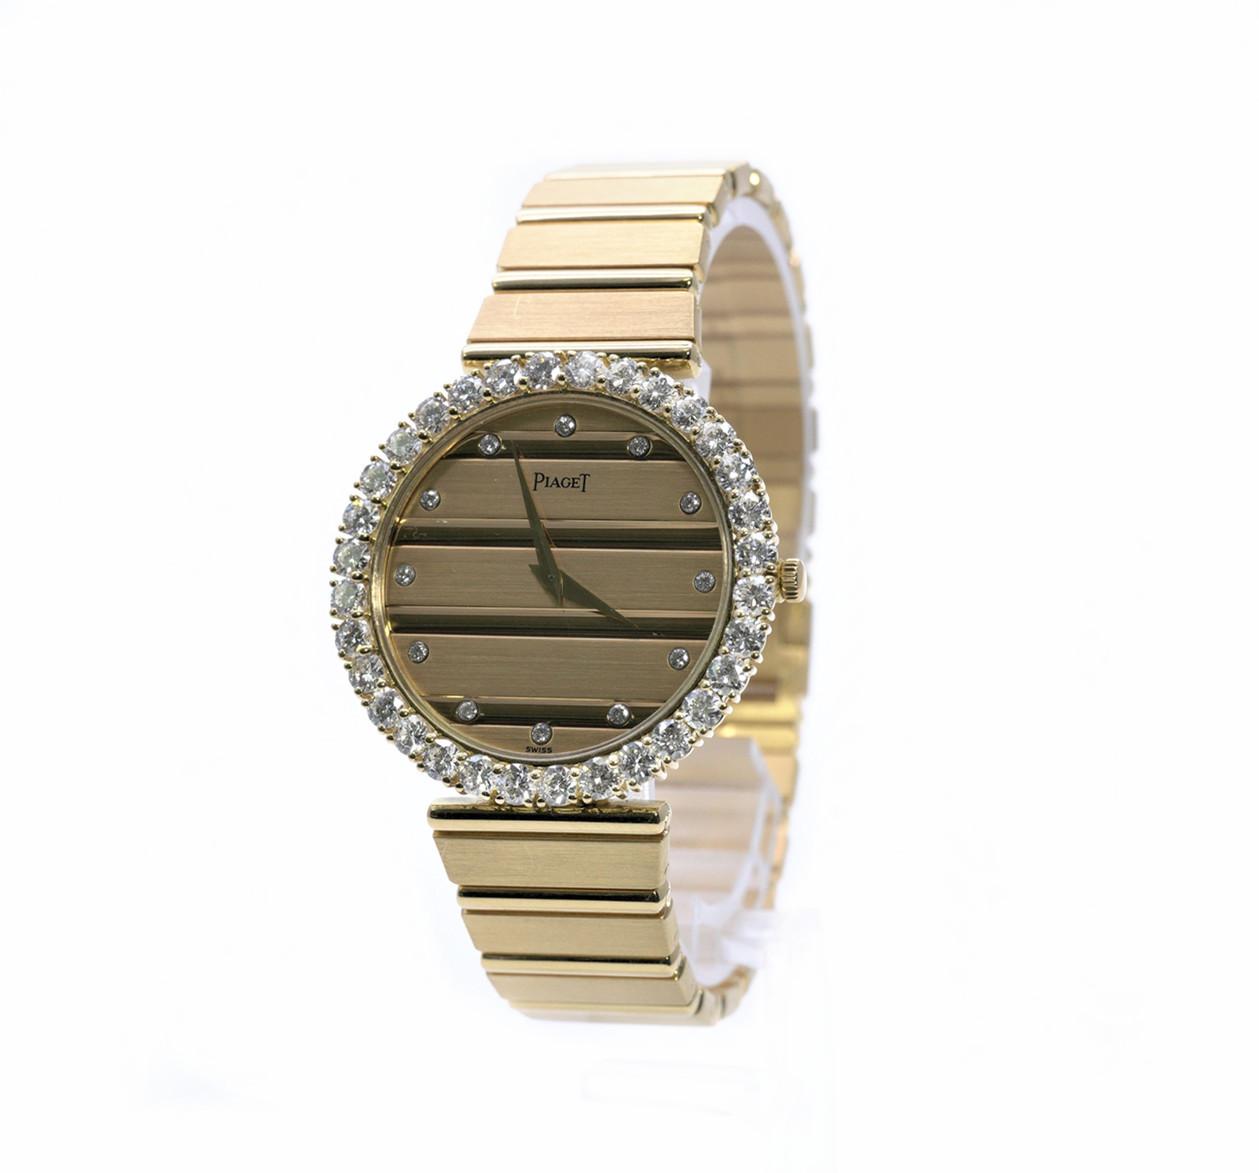 ☆【】PIAGET ピアジェ オリジナルダイヤモンド クォーツ  腕時計 約108.1g